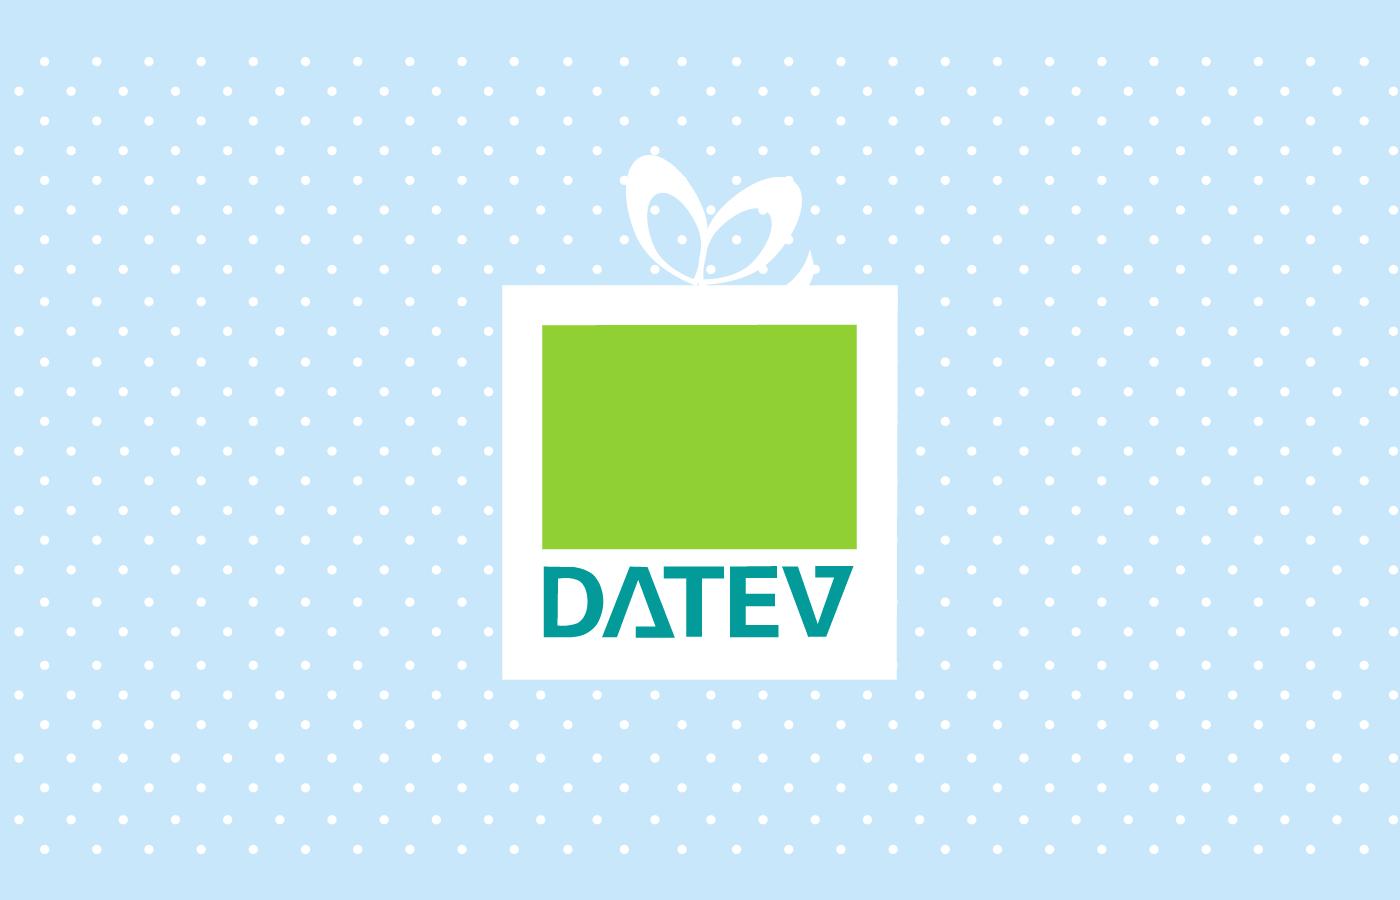 DATEV-Export für Agentursoftware